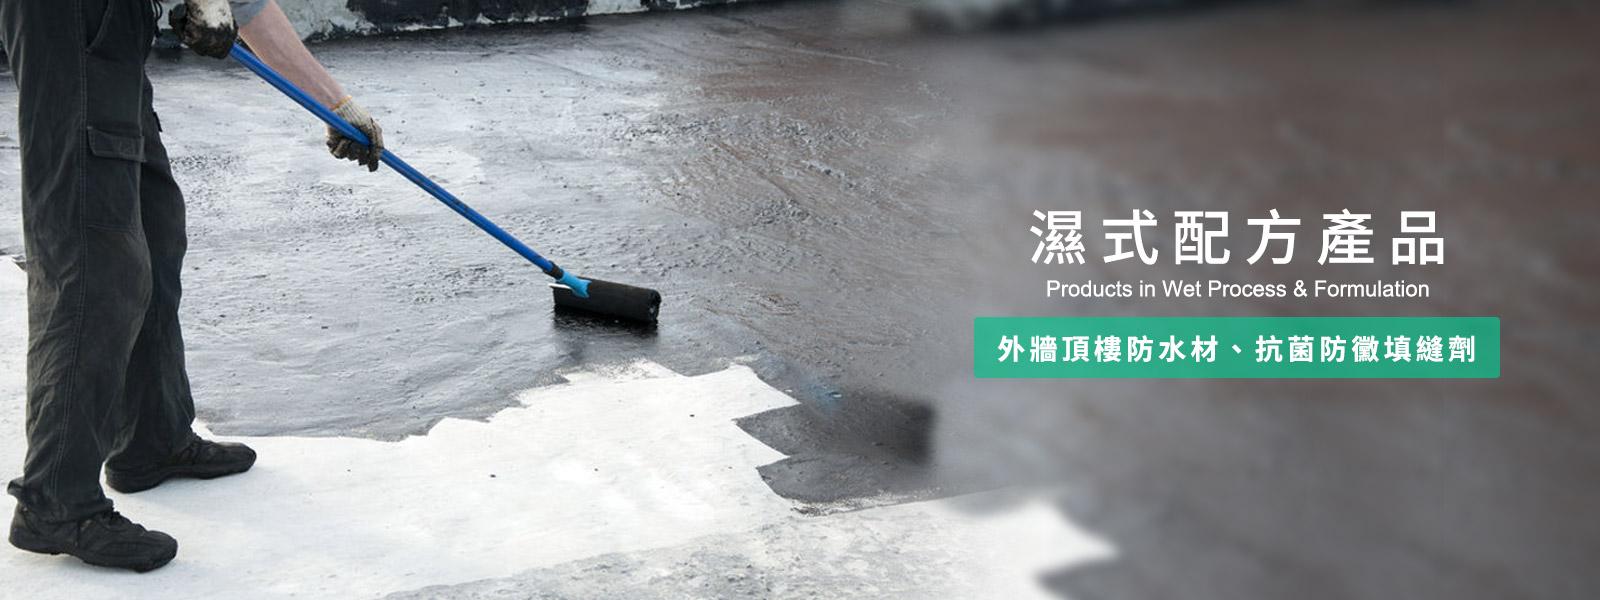 濕式配方產品